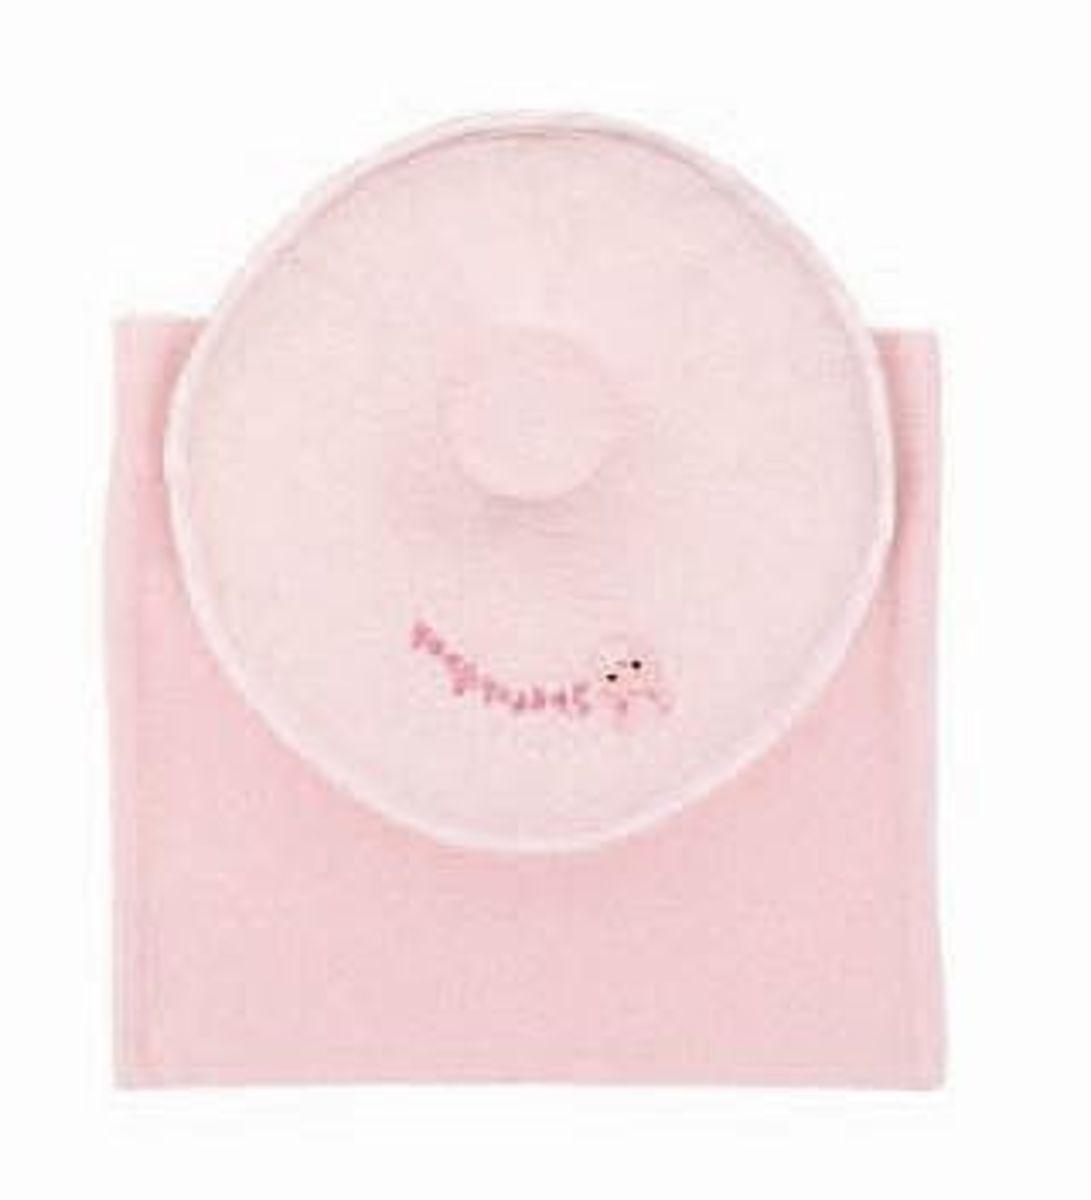 醫生推介嬰兒冬甩枕 21x21cm, 粉紅